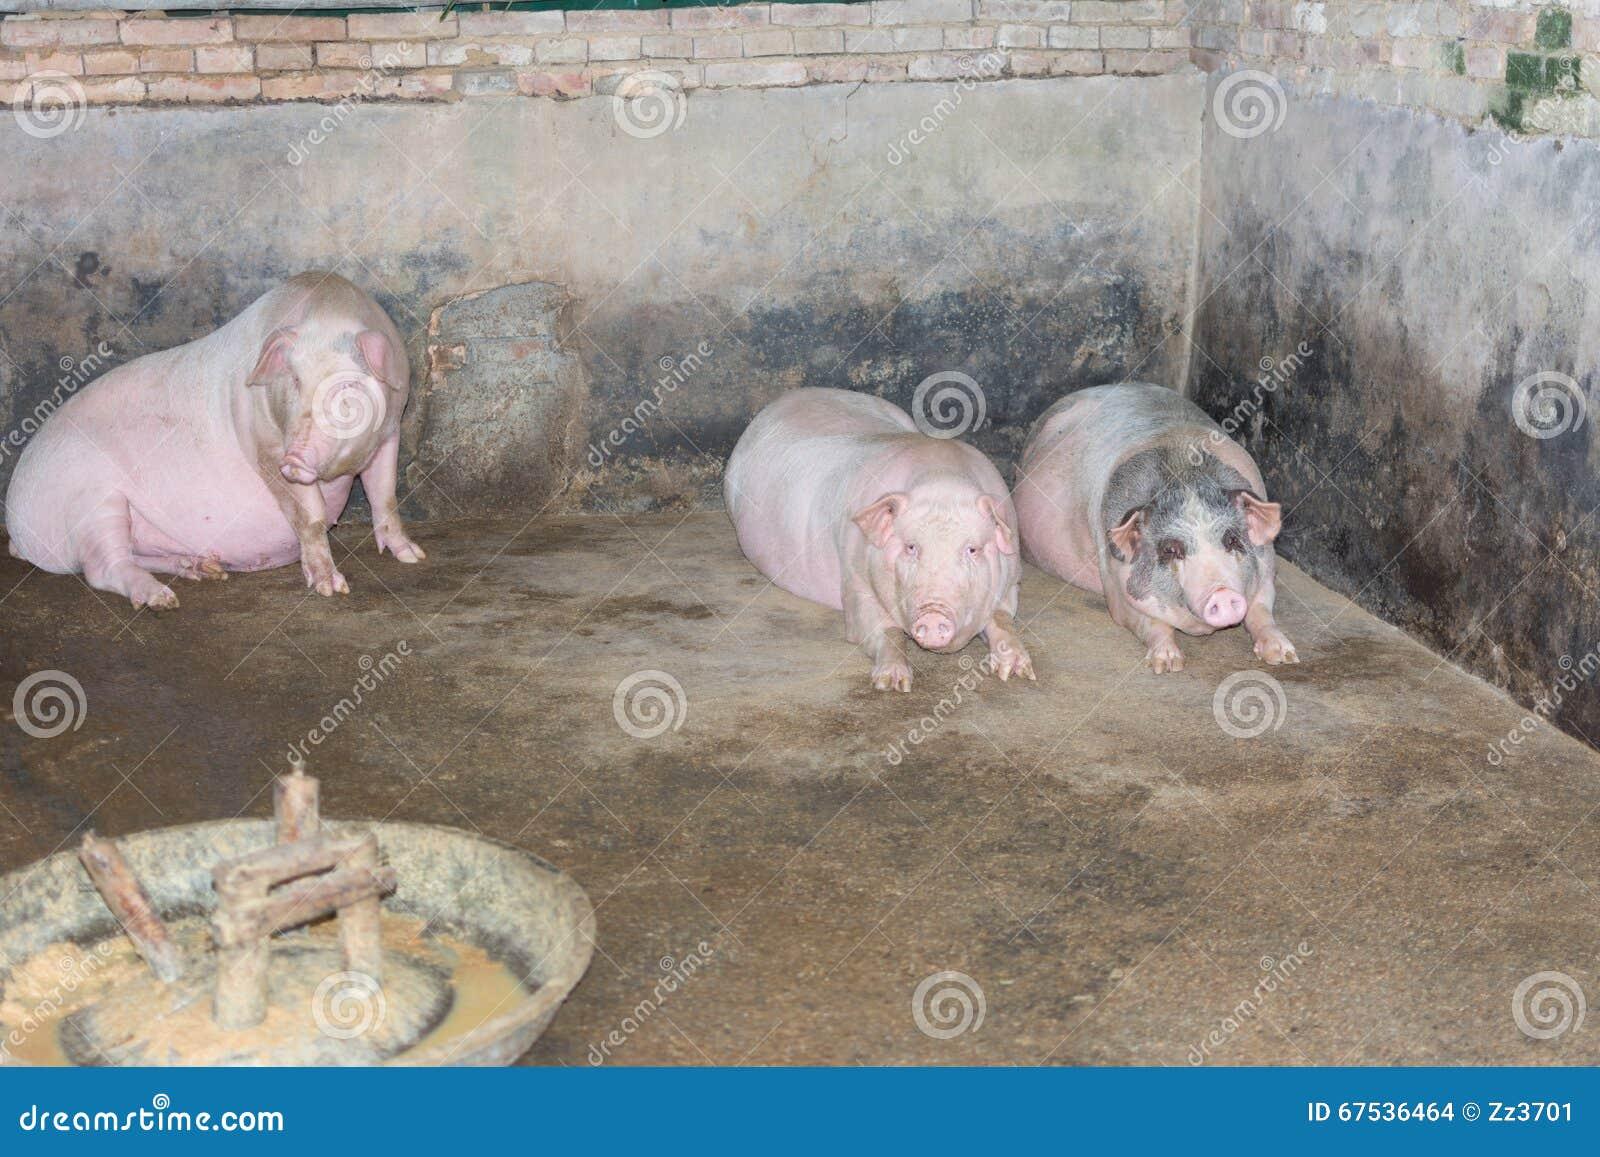 梦见自己住在猪圈旁边被猪咬了一下